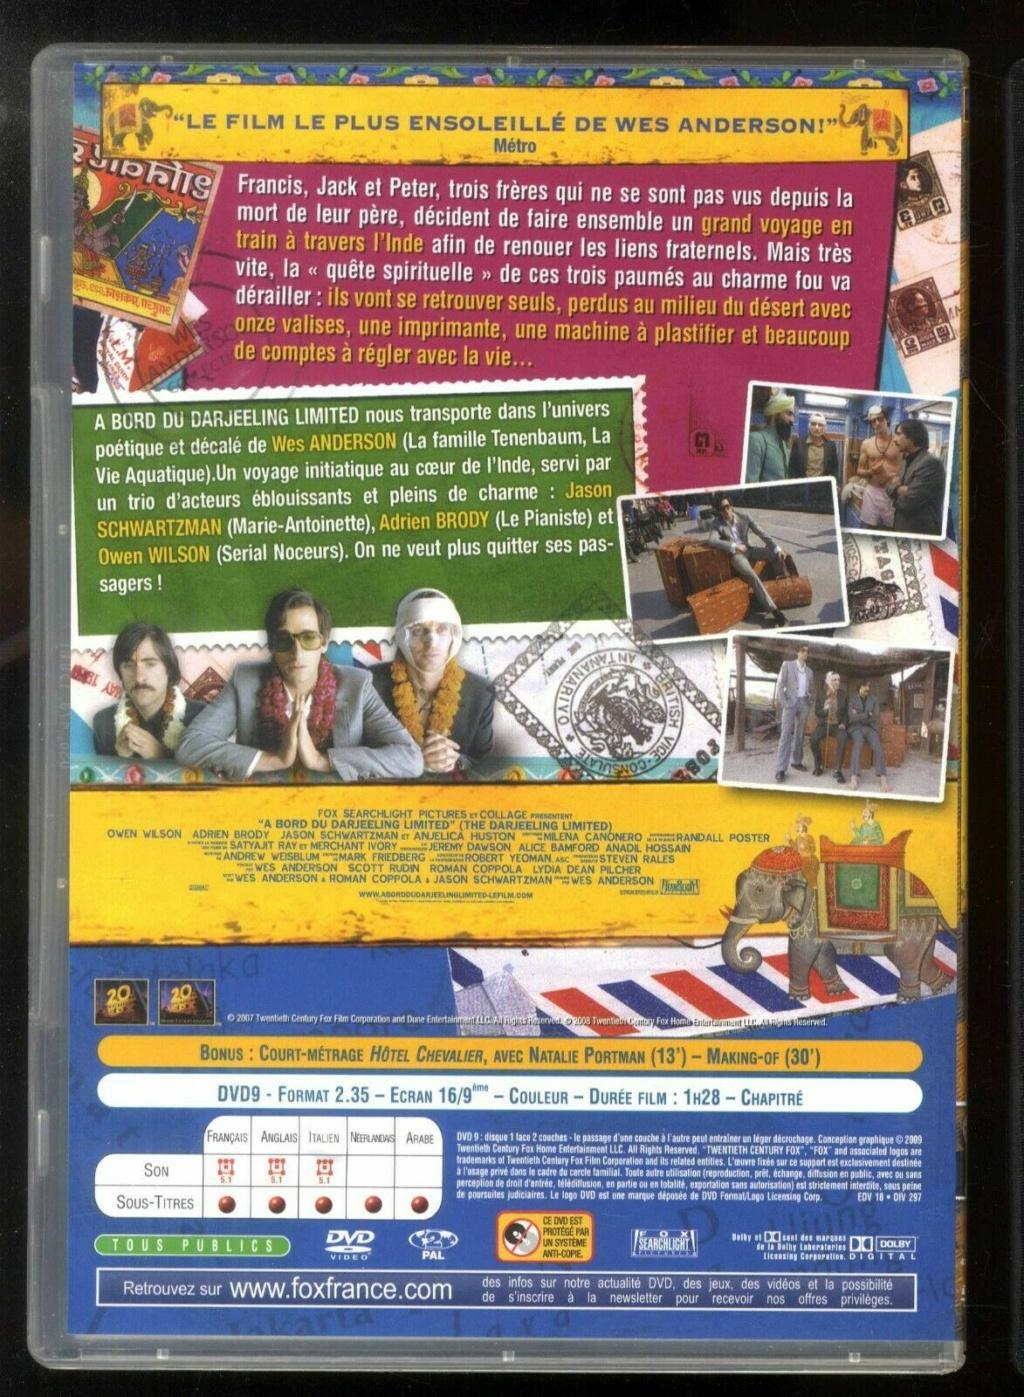 [DON/ECH] Le gros foutoir DVD [MAJ 16/09] - Page 5 0246